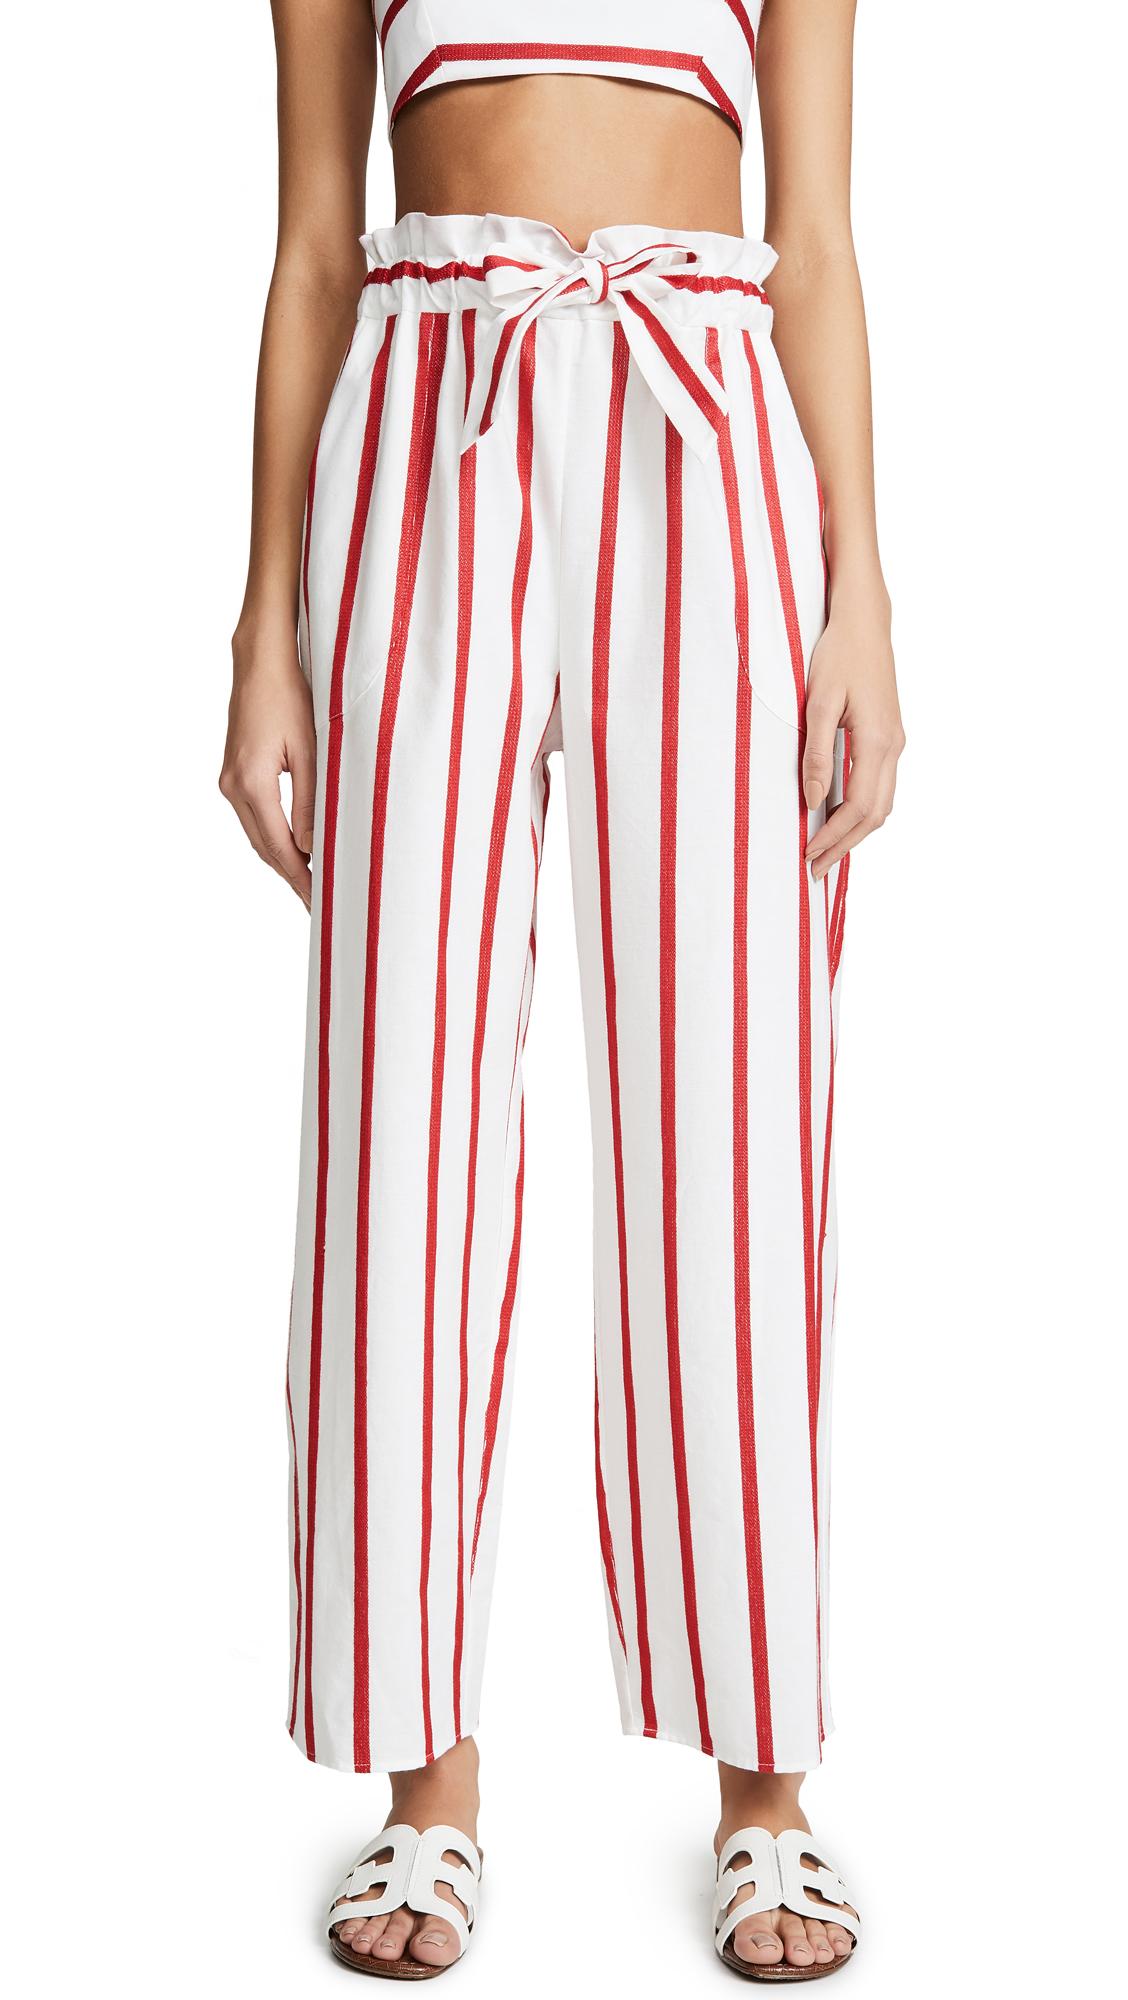 Kori Pants in Red